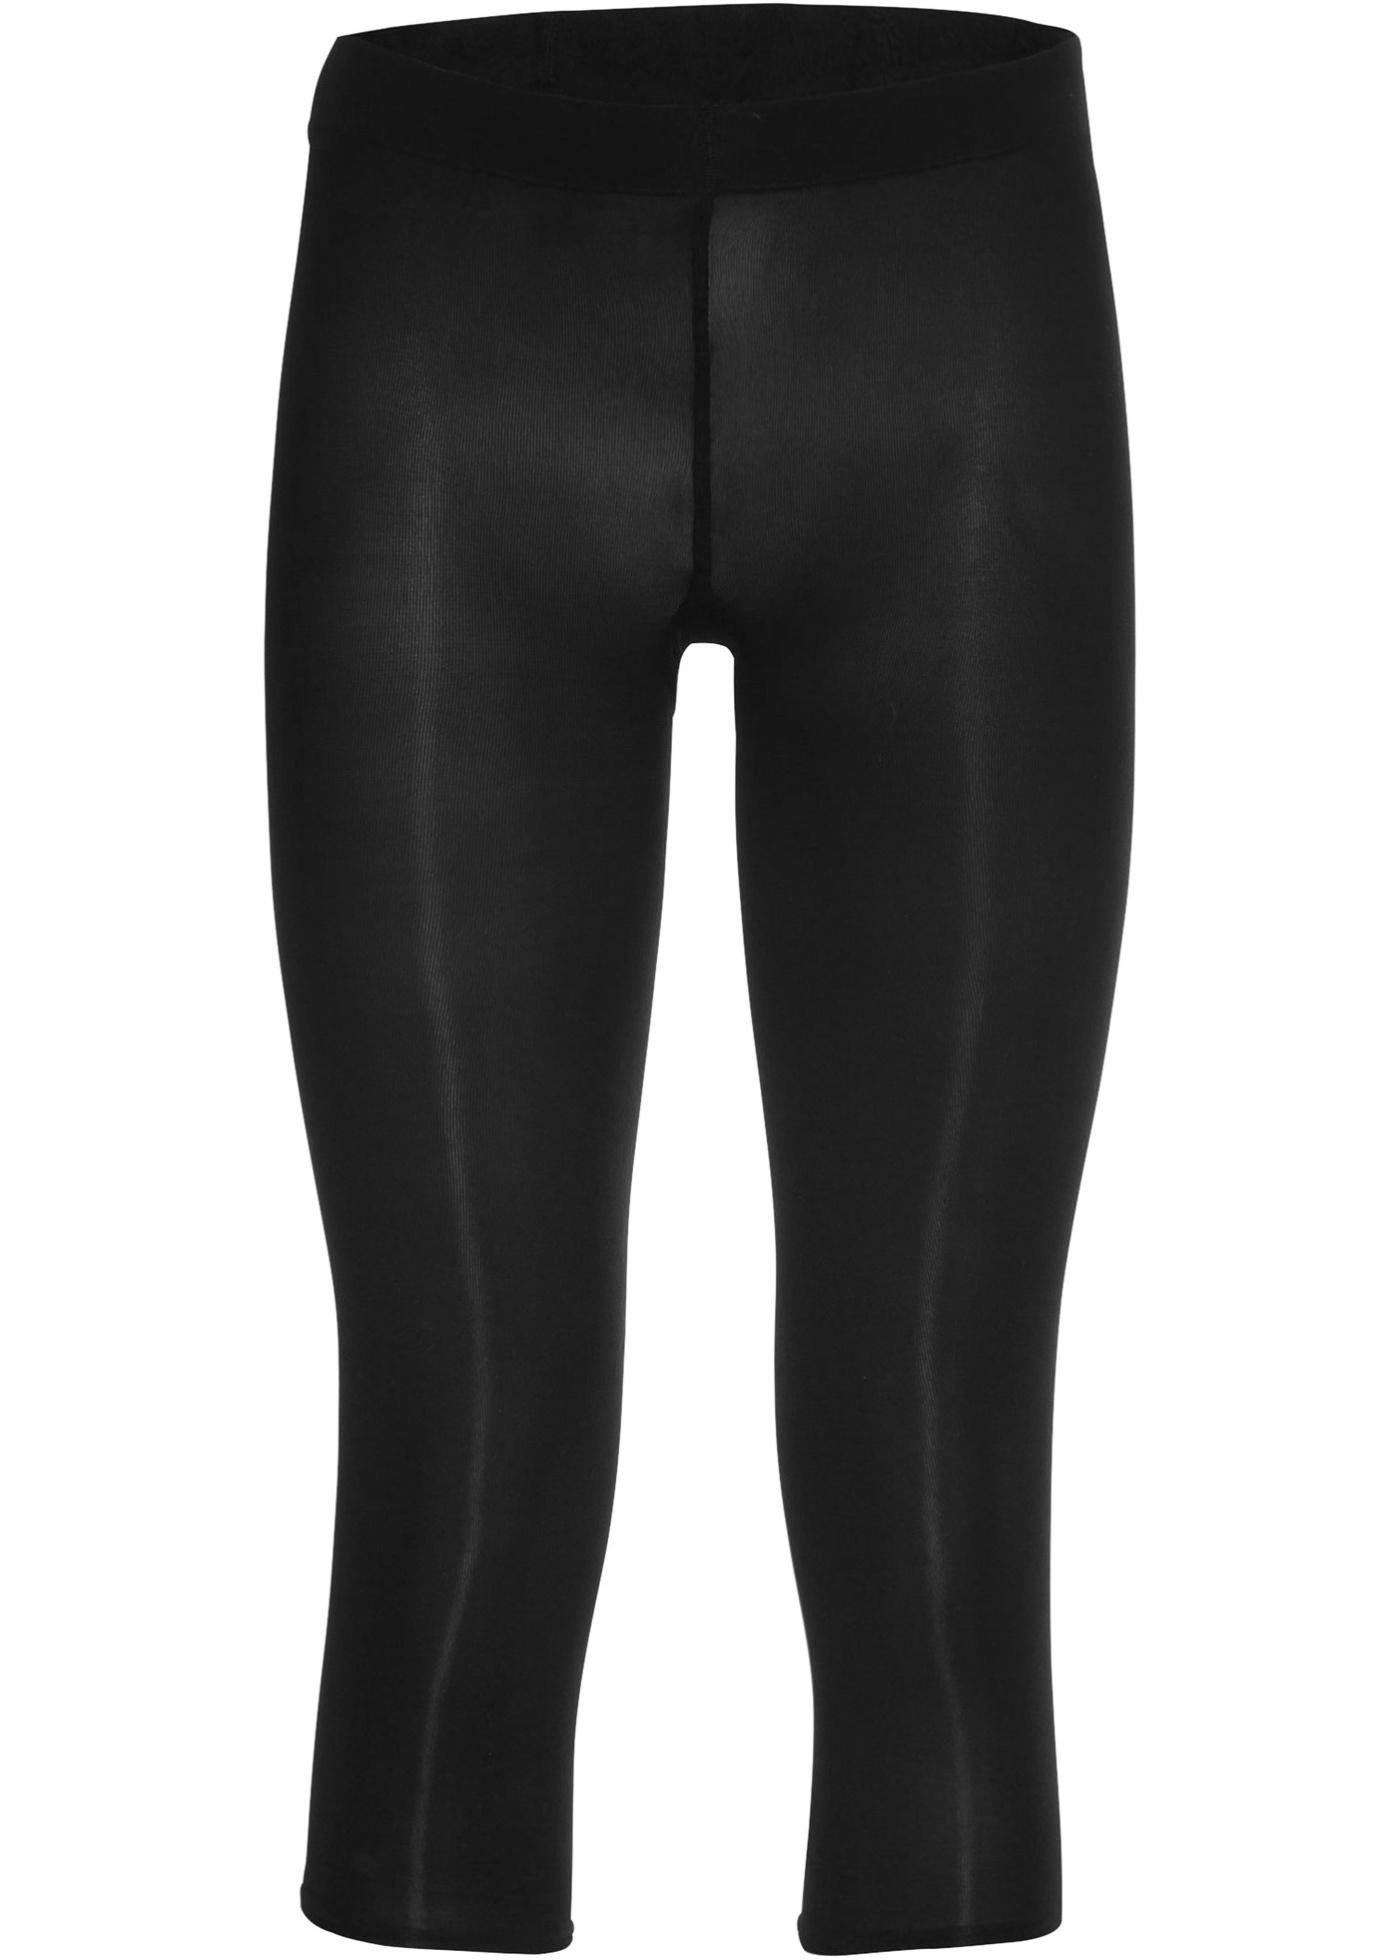 Capri Feinstrumpf-Leggings 50den in schwarz für Damen von bonprix